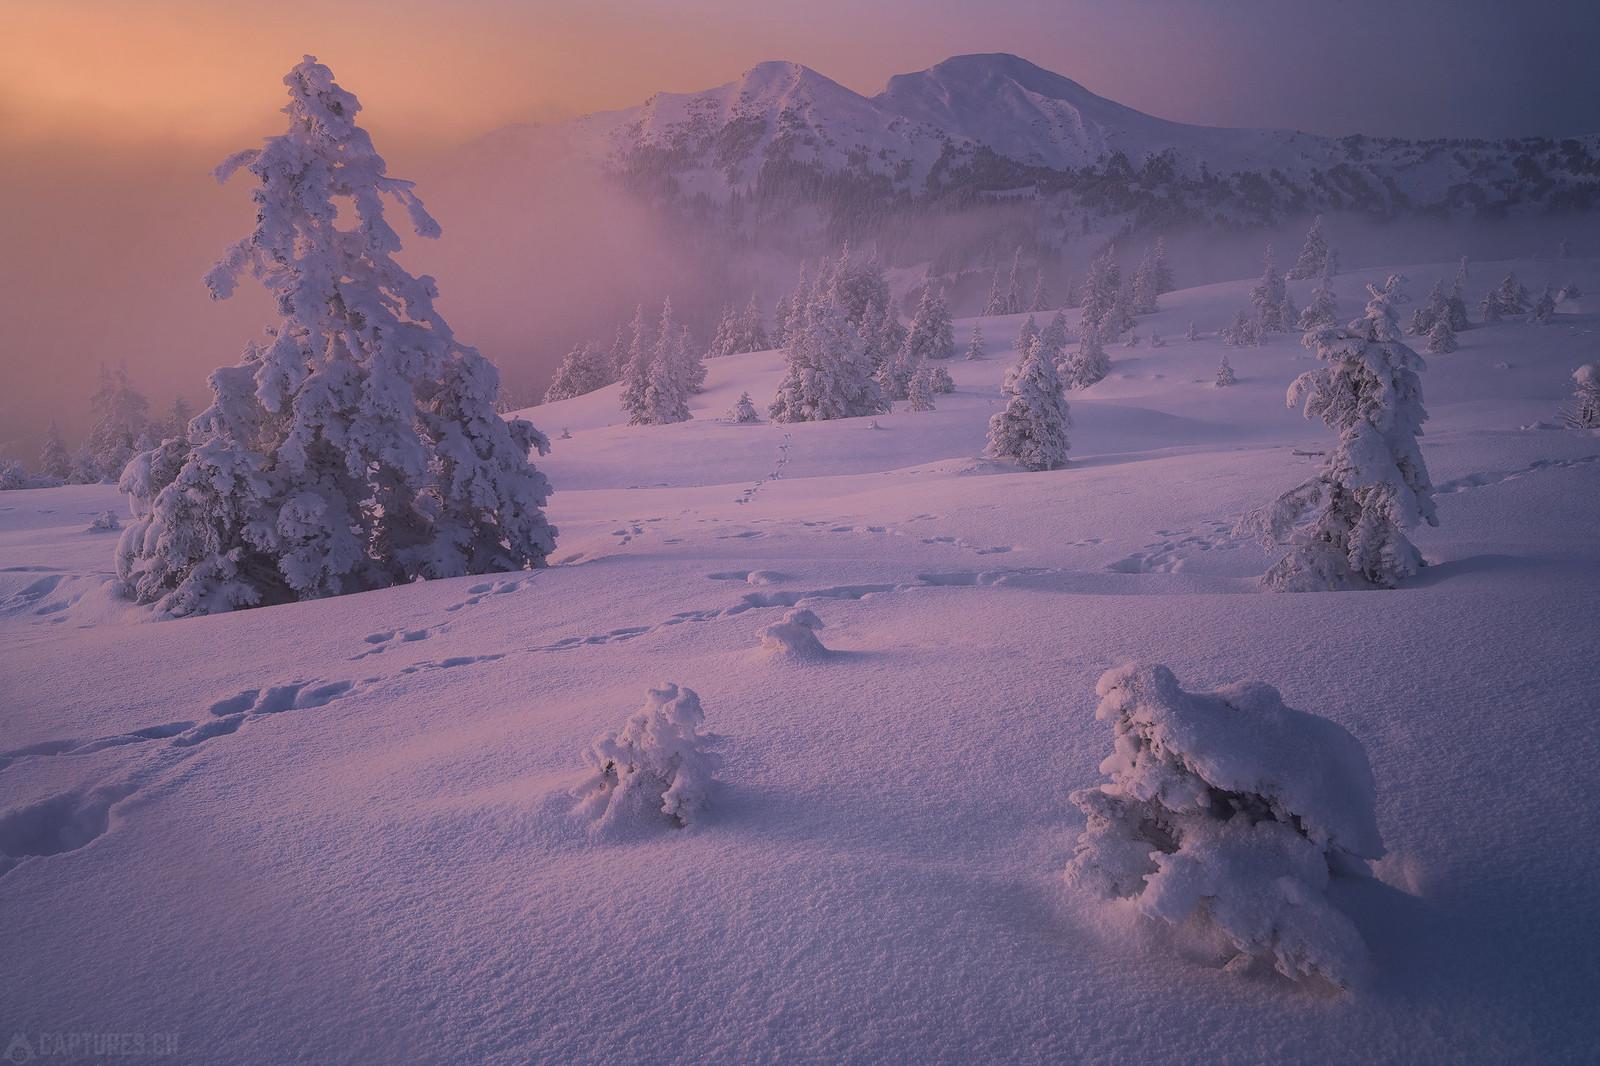 Frozen beauty - Zentralschweiz